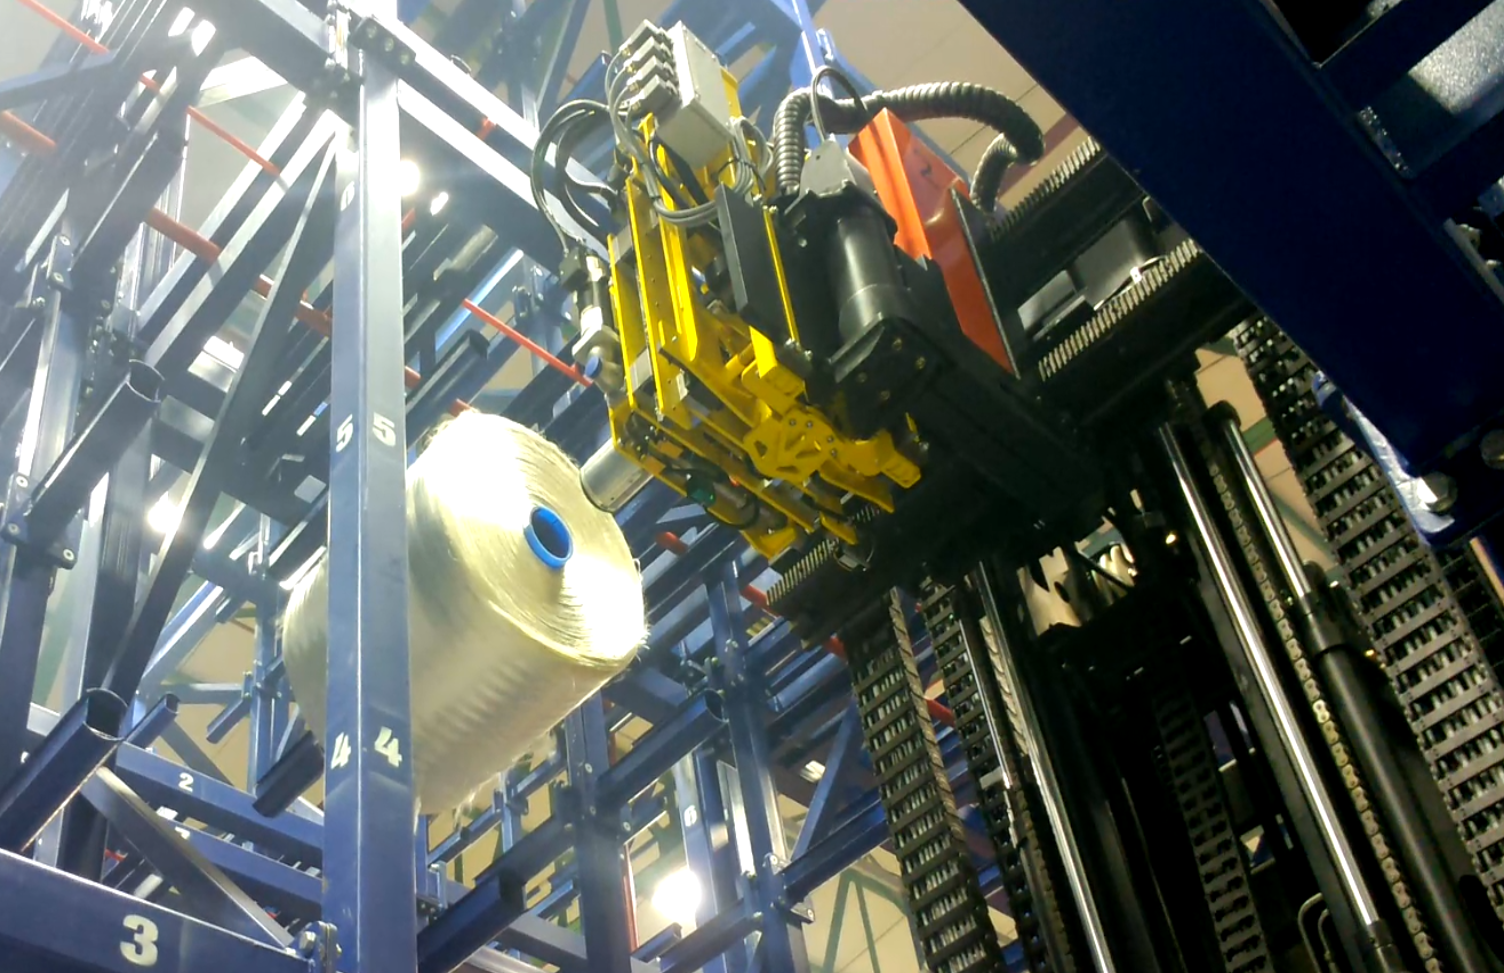 Automation warehousing